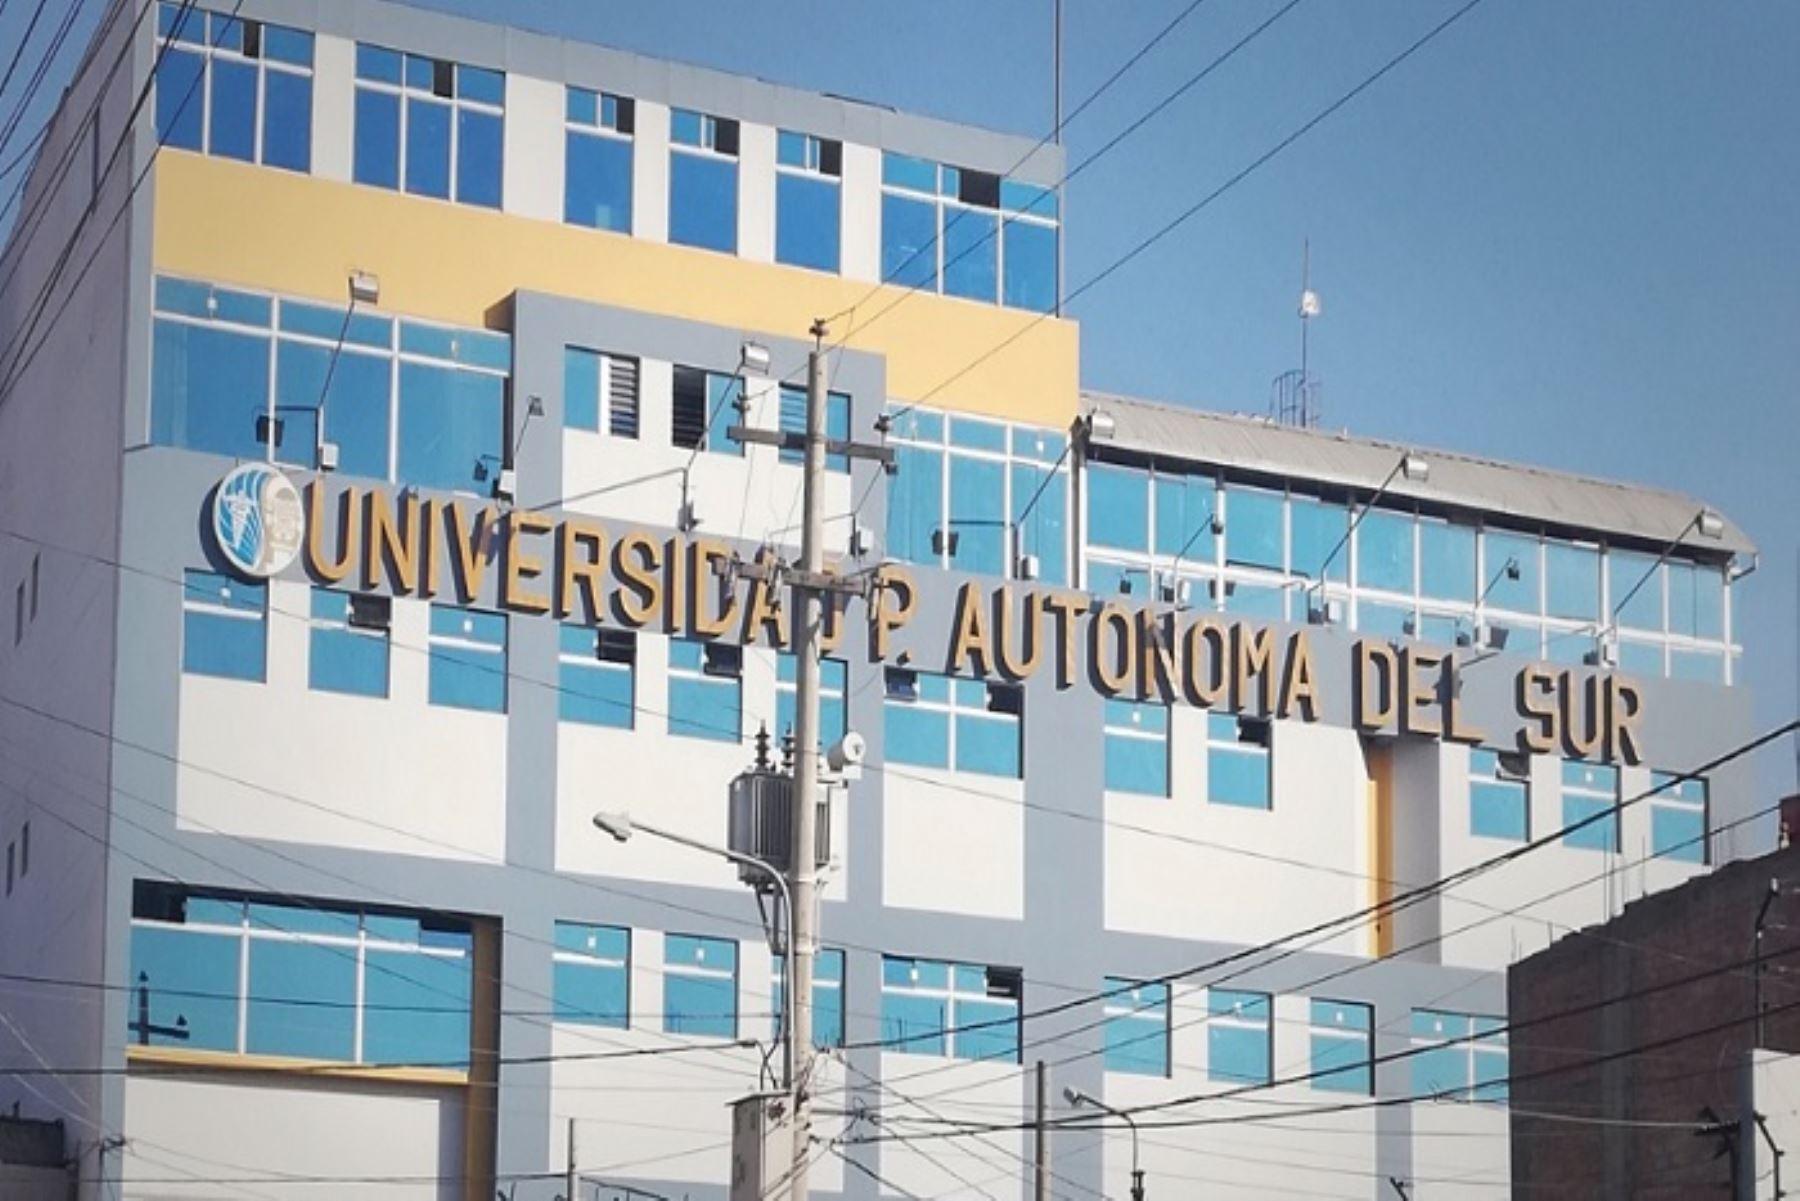 La Universidad Privada Autónoma del Sur, con sede en Arequipa, no podrá admitir nuevos estudiantes bajo ninguna modalidad y deberá iniciar un proceso ordenado de cese de actividades.